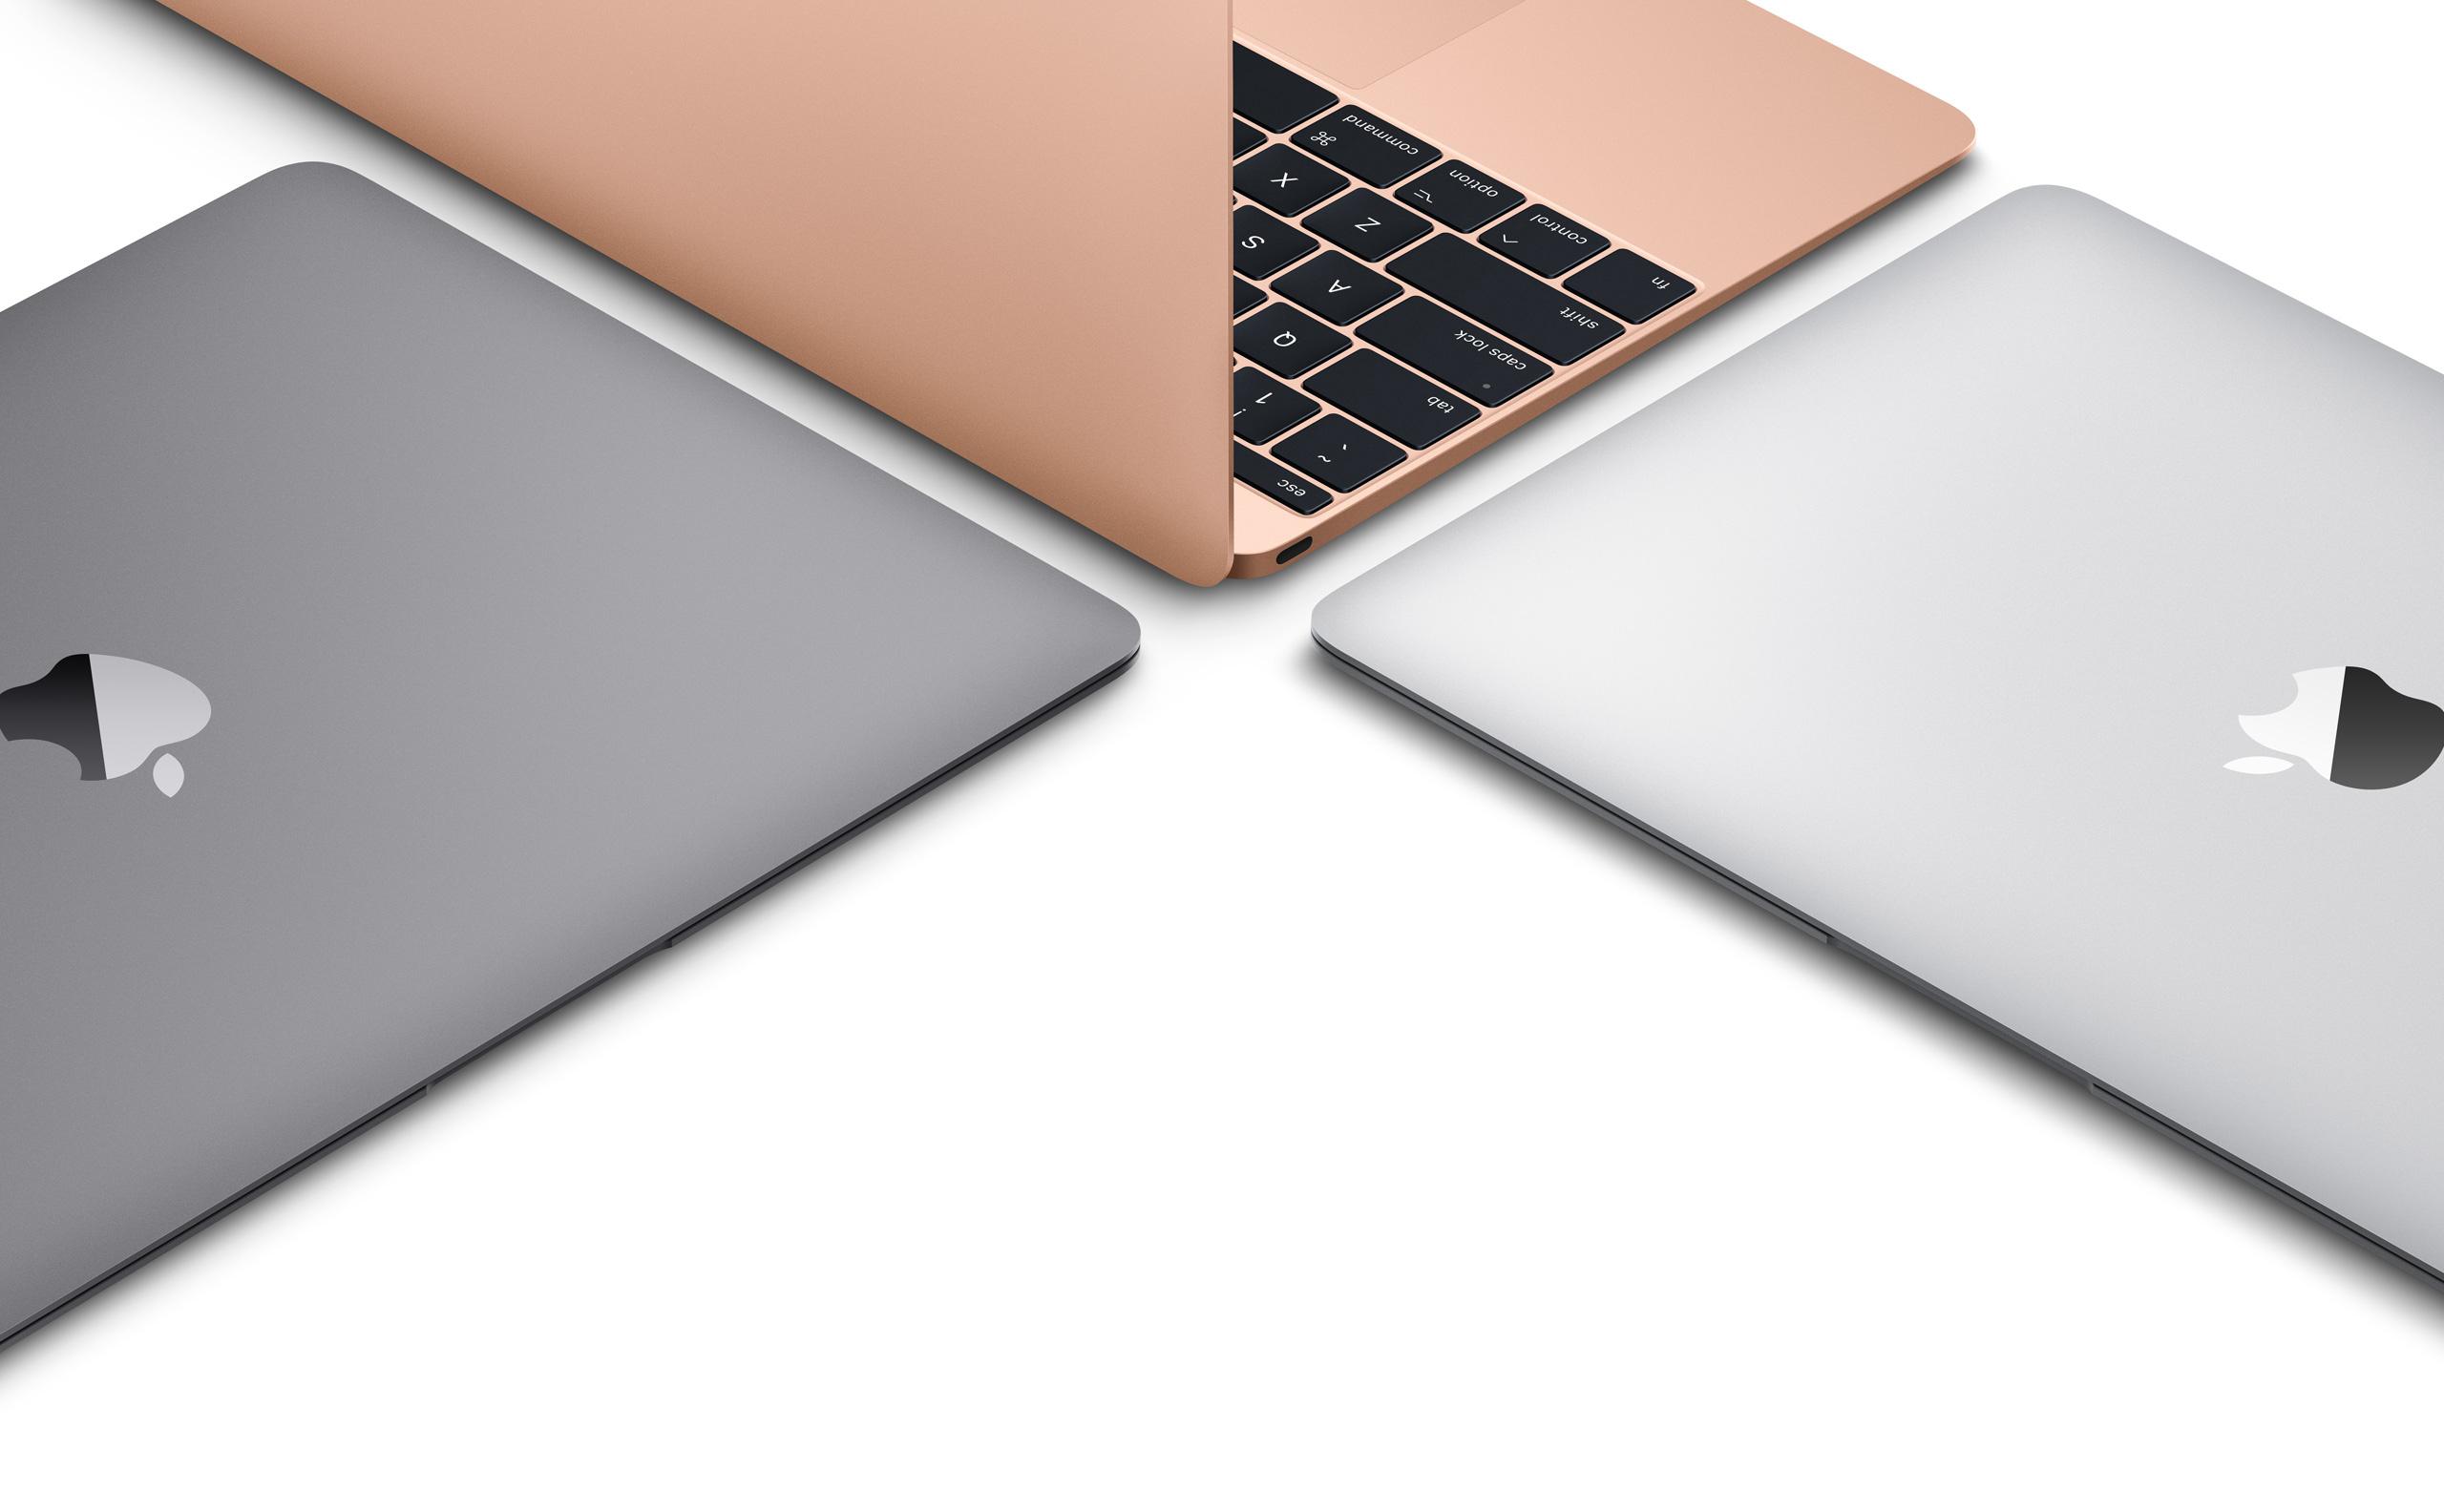 Macbook - Techjuice